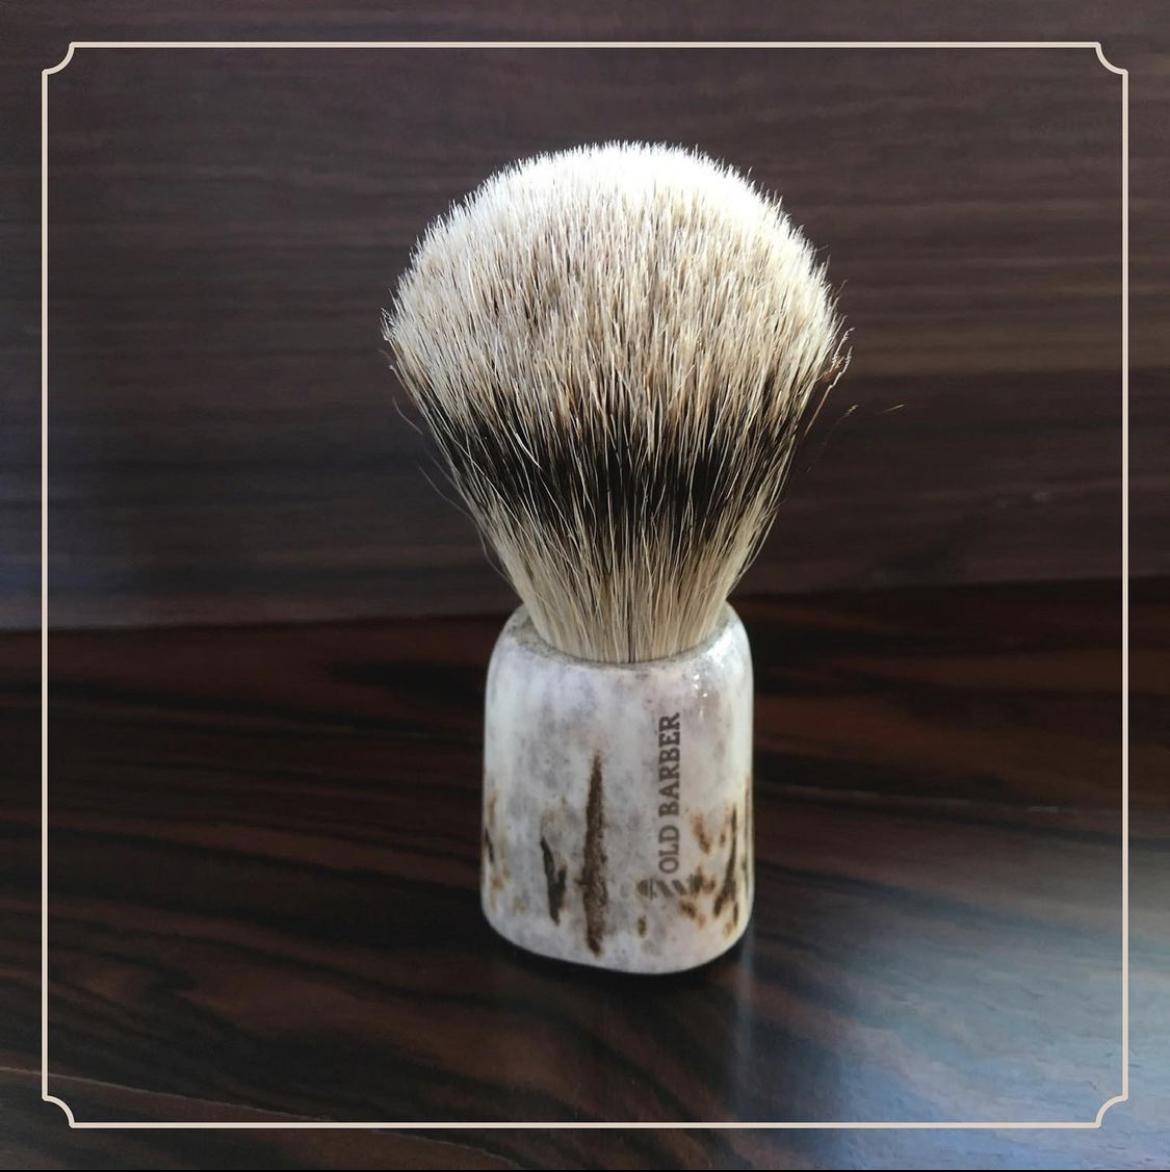 Высококачественная профессиональная кисть для бритья с ручкой оленя, Сделано в Италии для мужчин